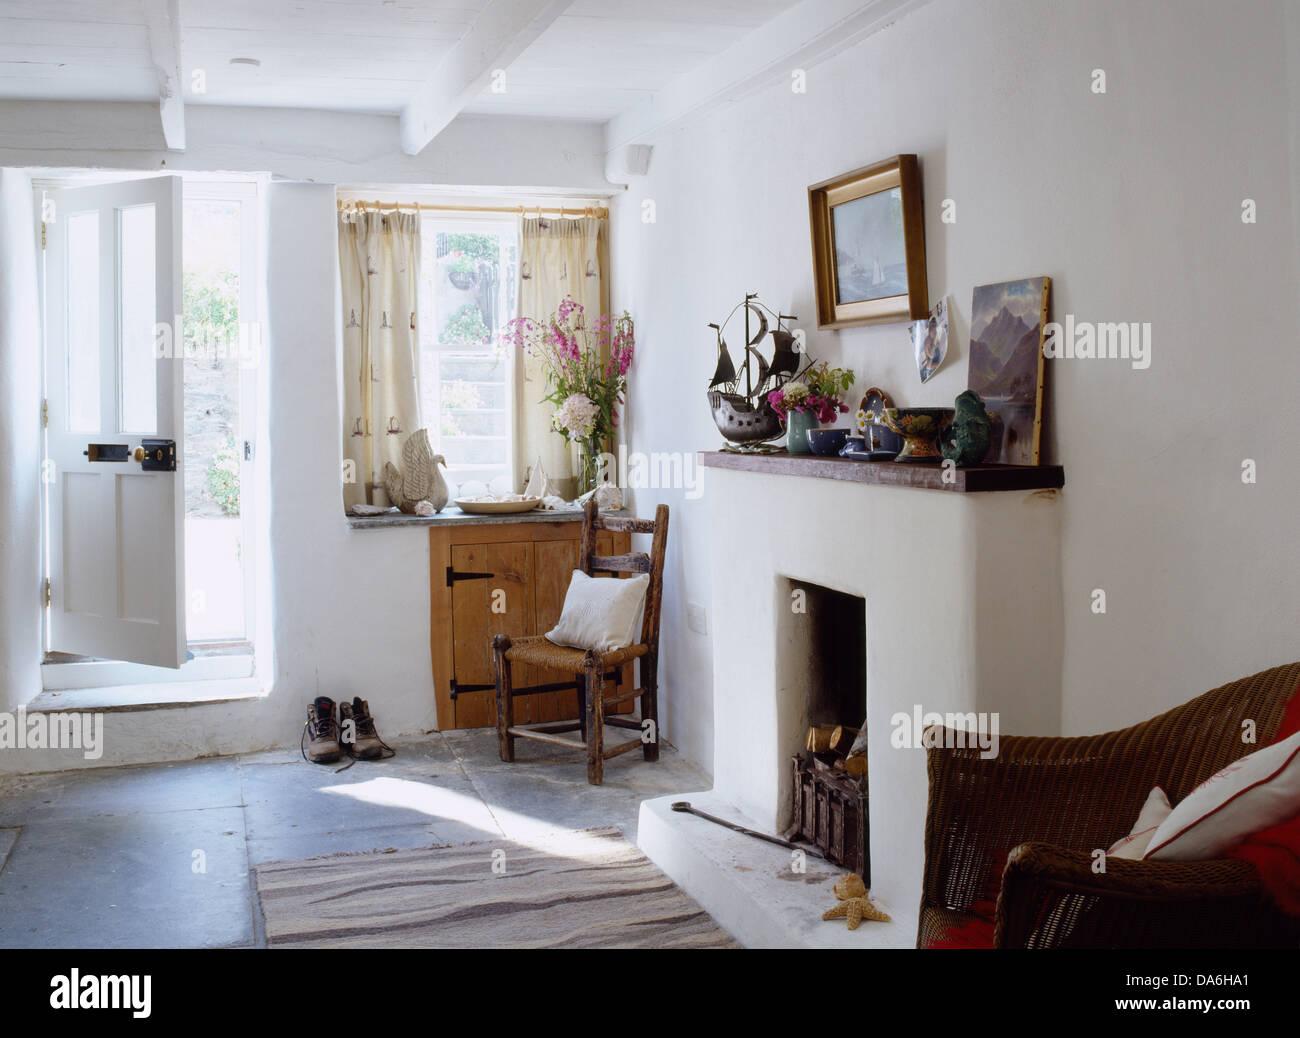 Haustür öffnen in Ferienhaus Wohnzimmer mit einfachen weißen ...